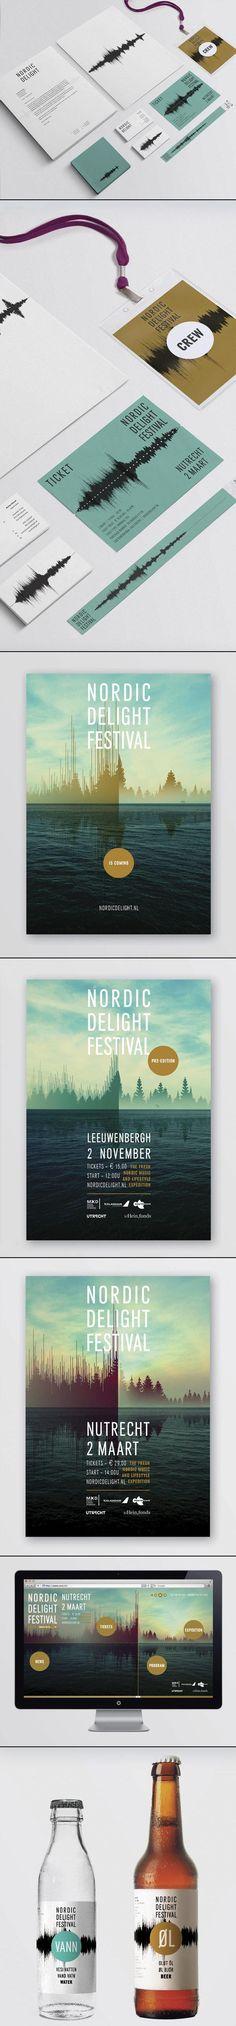 Nordic Delight Festival Identity